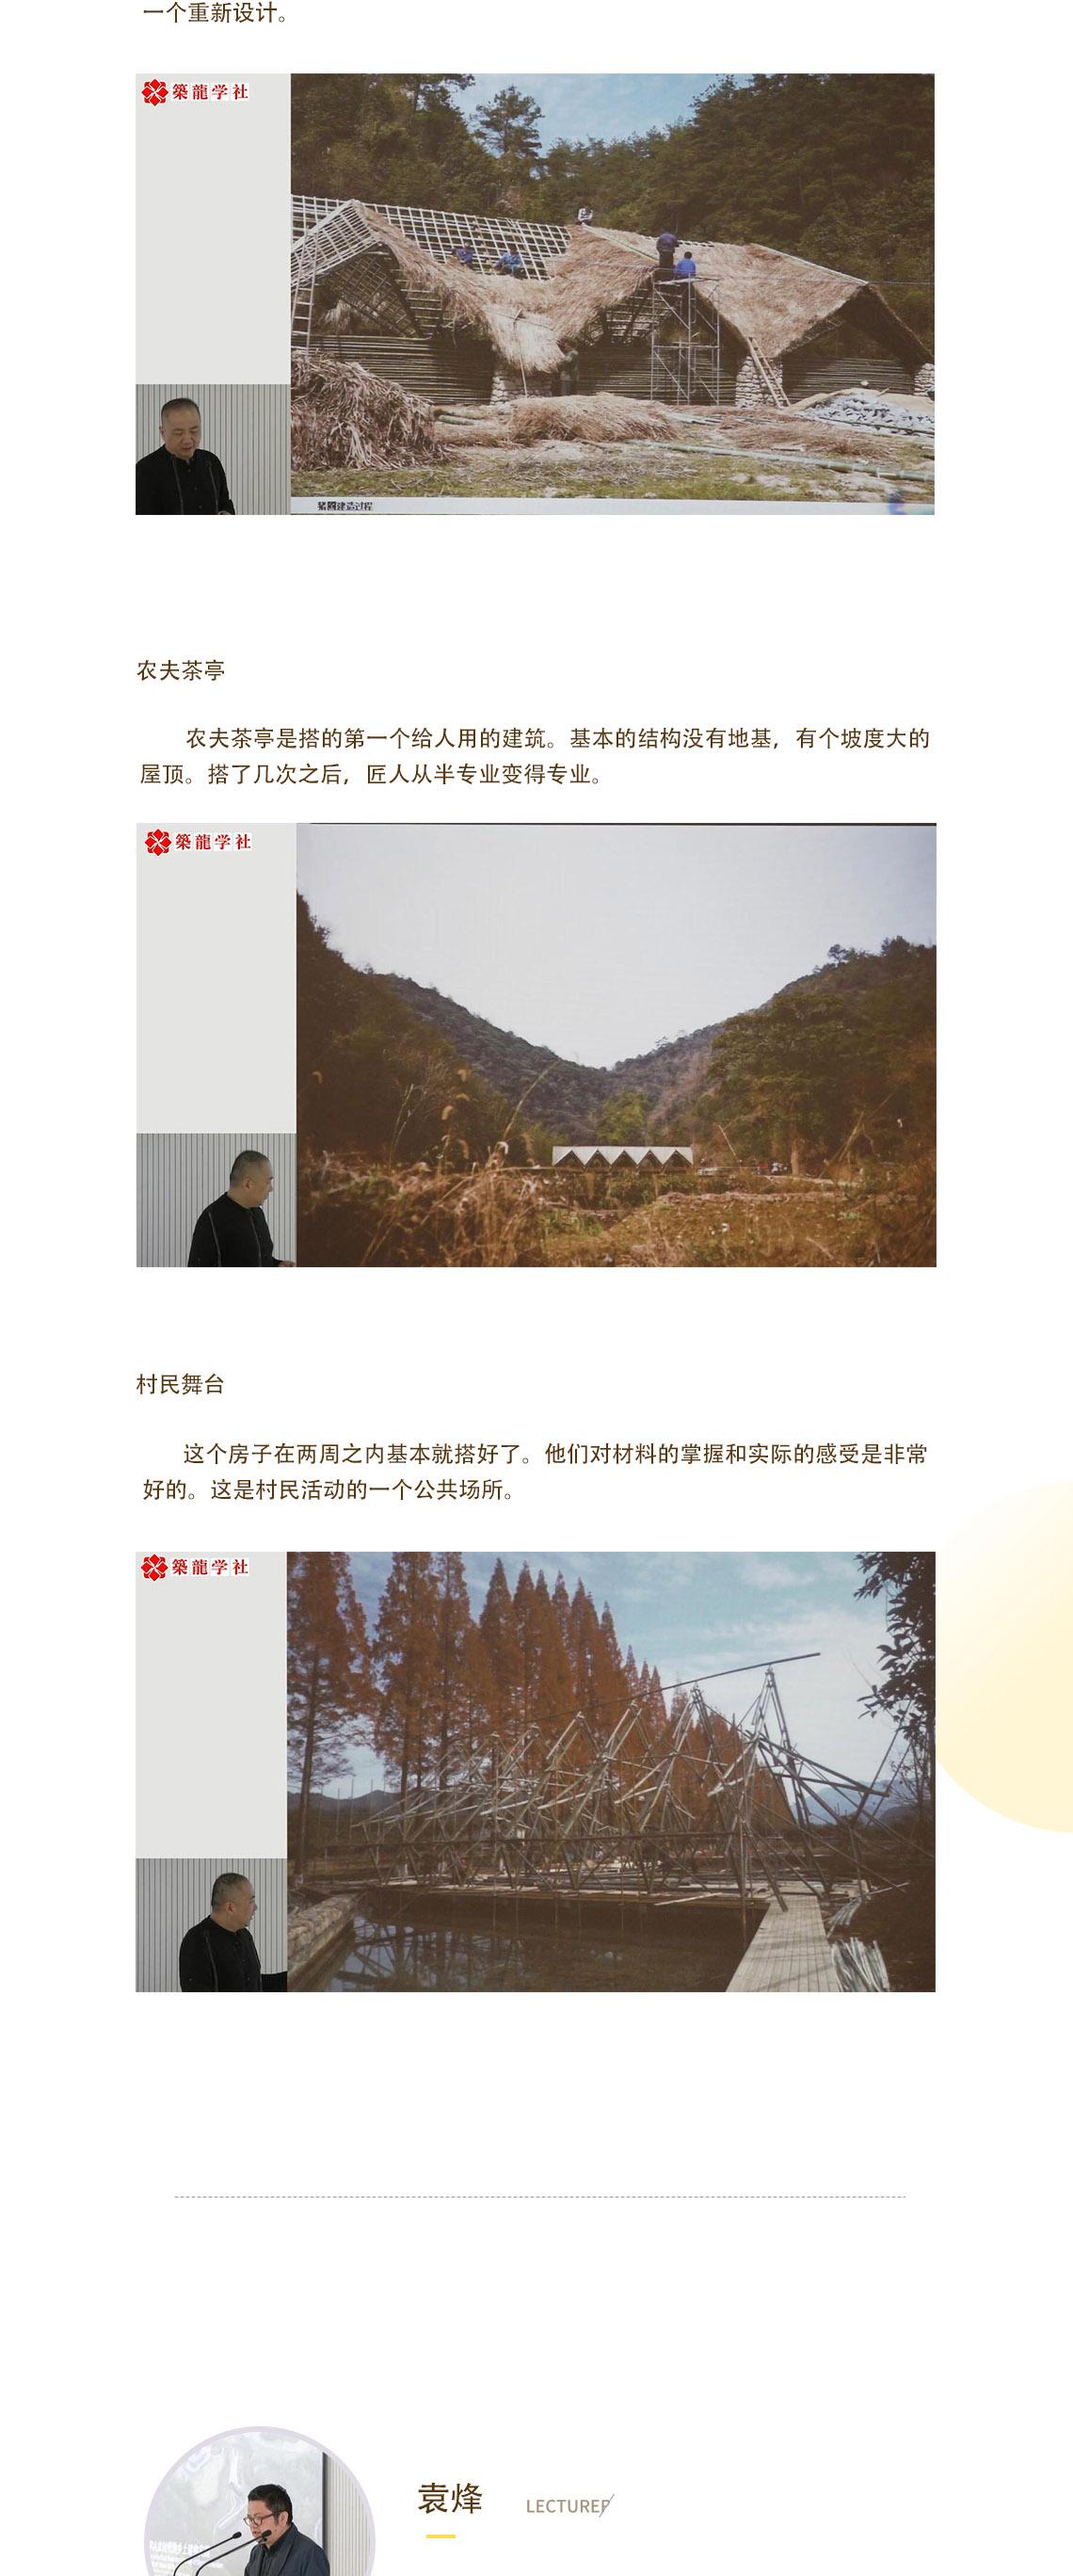 南京大学一直有关注乡村的传统,建城学院举办的第一届乡村振兴论坛及乡村振兴工作营不仅在南京大学具有重要价值,更是响应乡村振兴国家战略的号召,在扶贫攻坚、全面建成小康社会的冲刺阶段贡献高校力量。